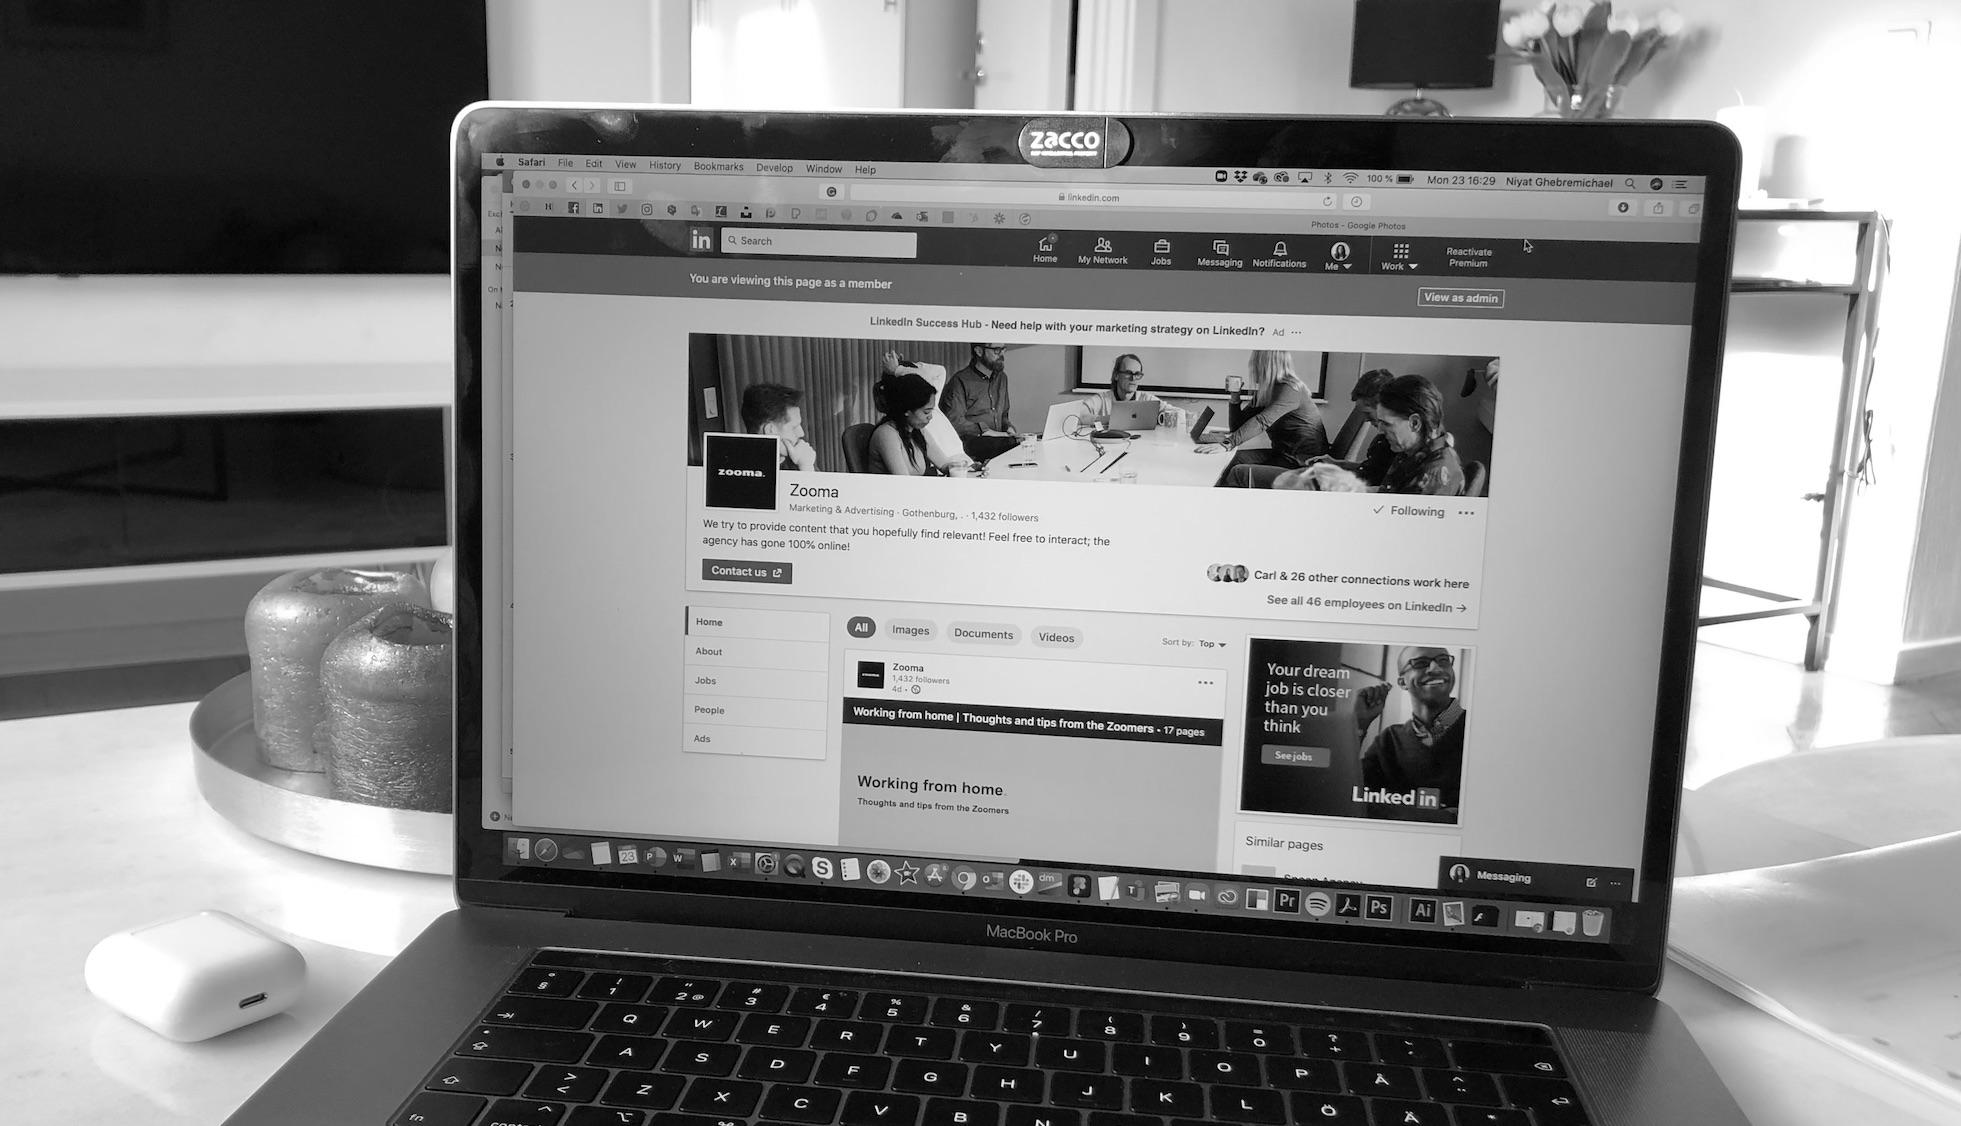 zooma-social-media-macbook-on-desk